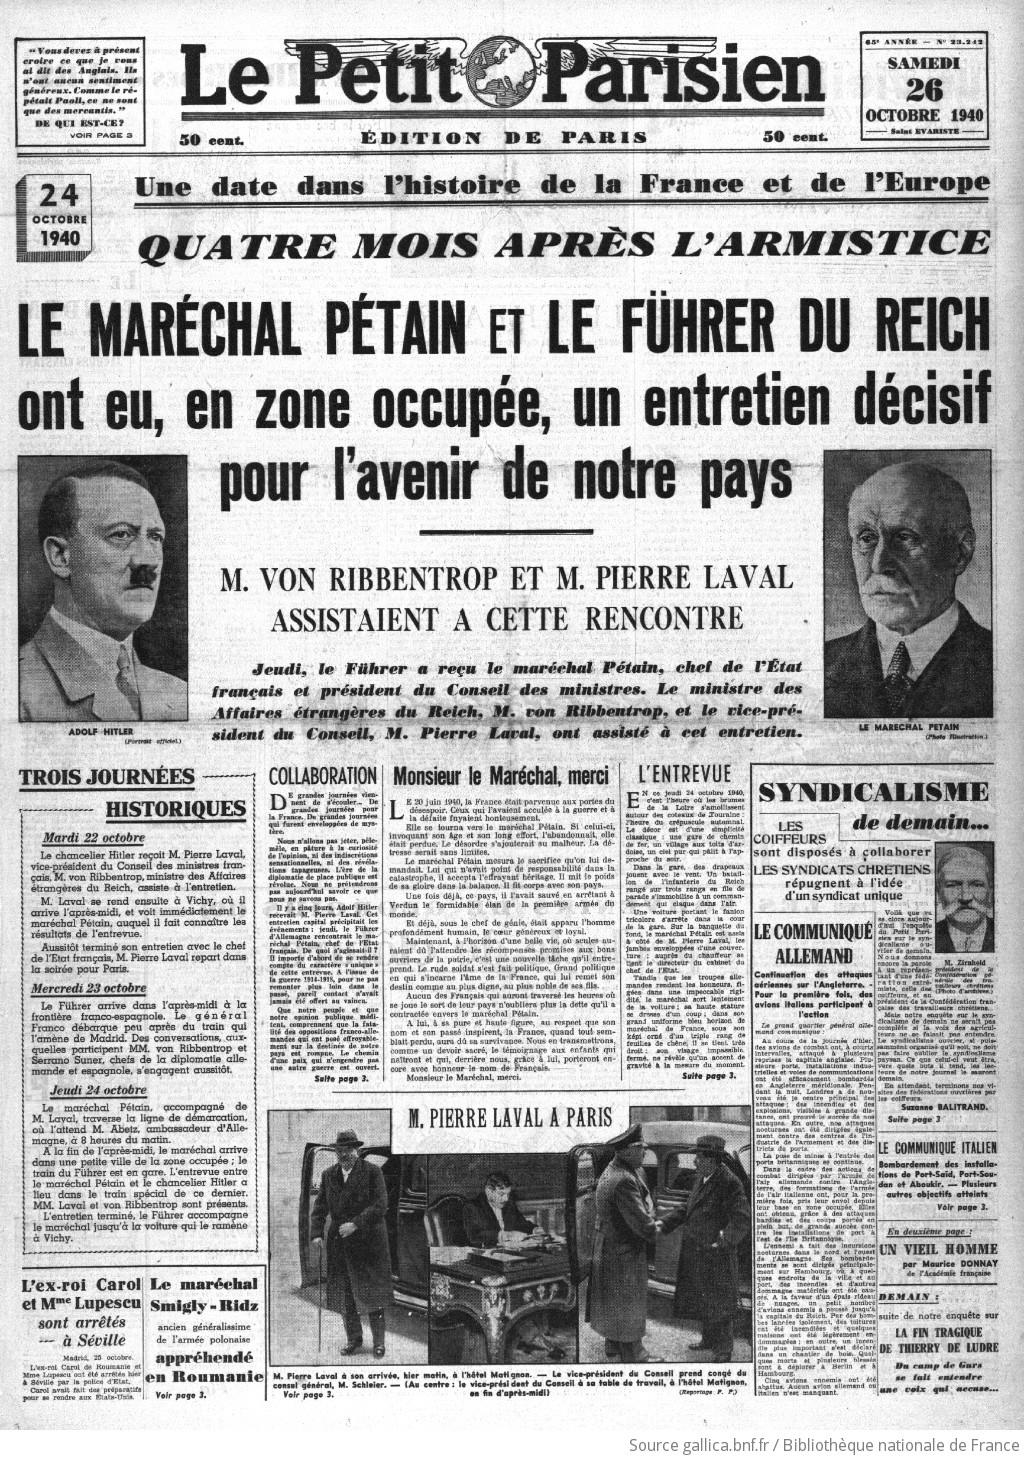 Le Petit Parisien : journal quotidien du soir   1940-10-26   Gallica